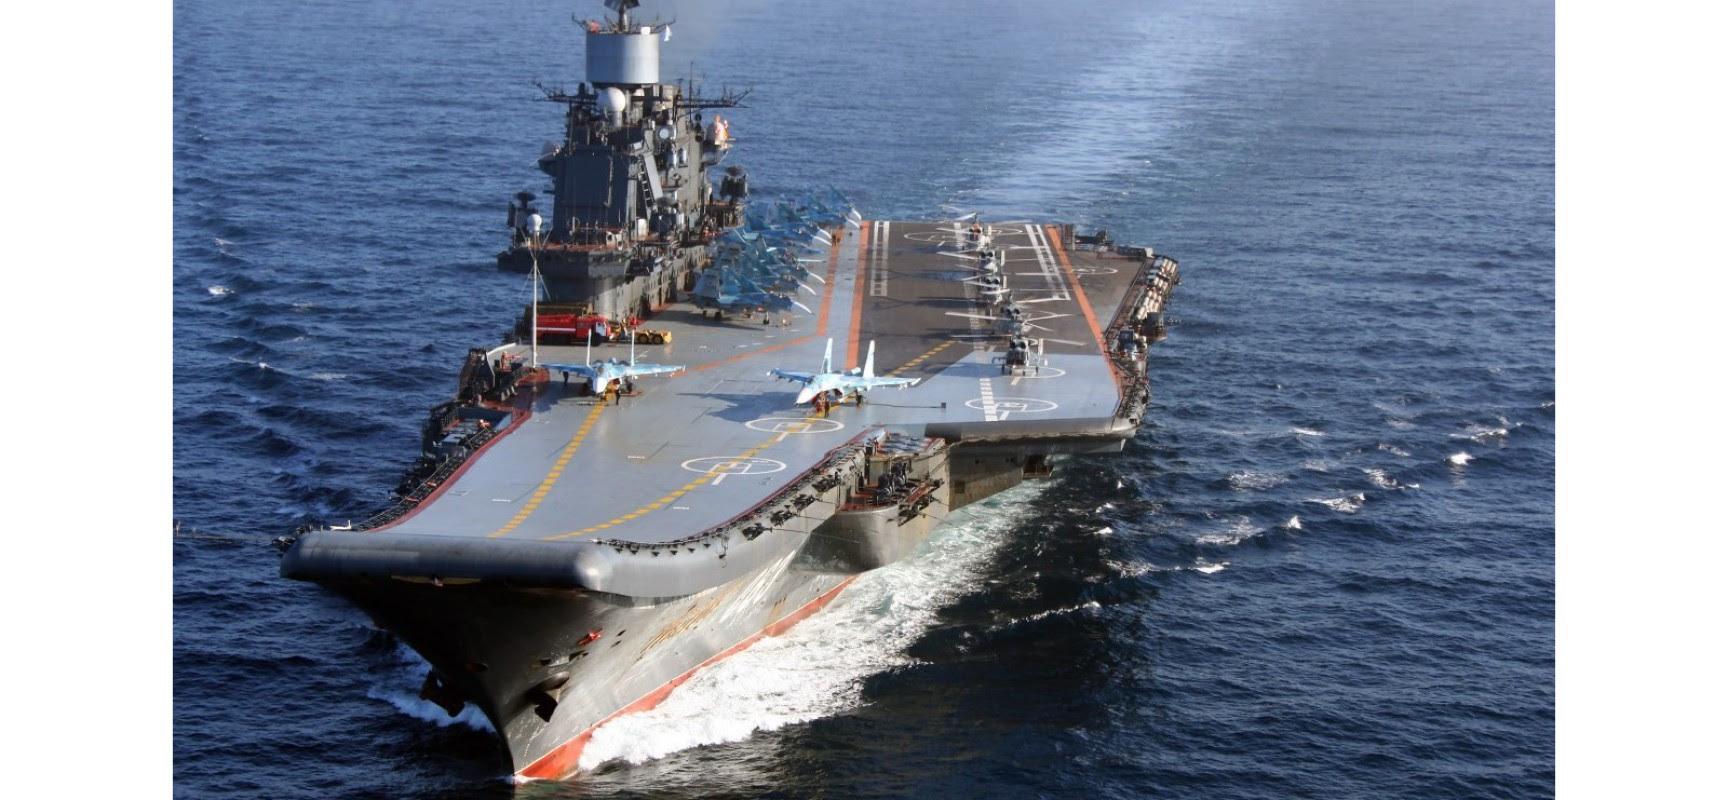 Les avions russes obligés de revenir précipitamment et de reprendre les bombardements en Syrie